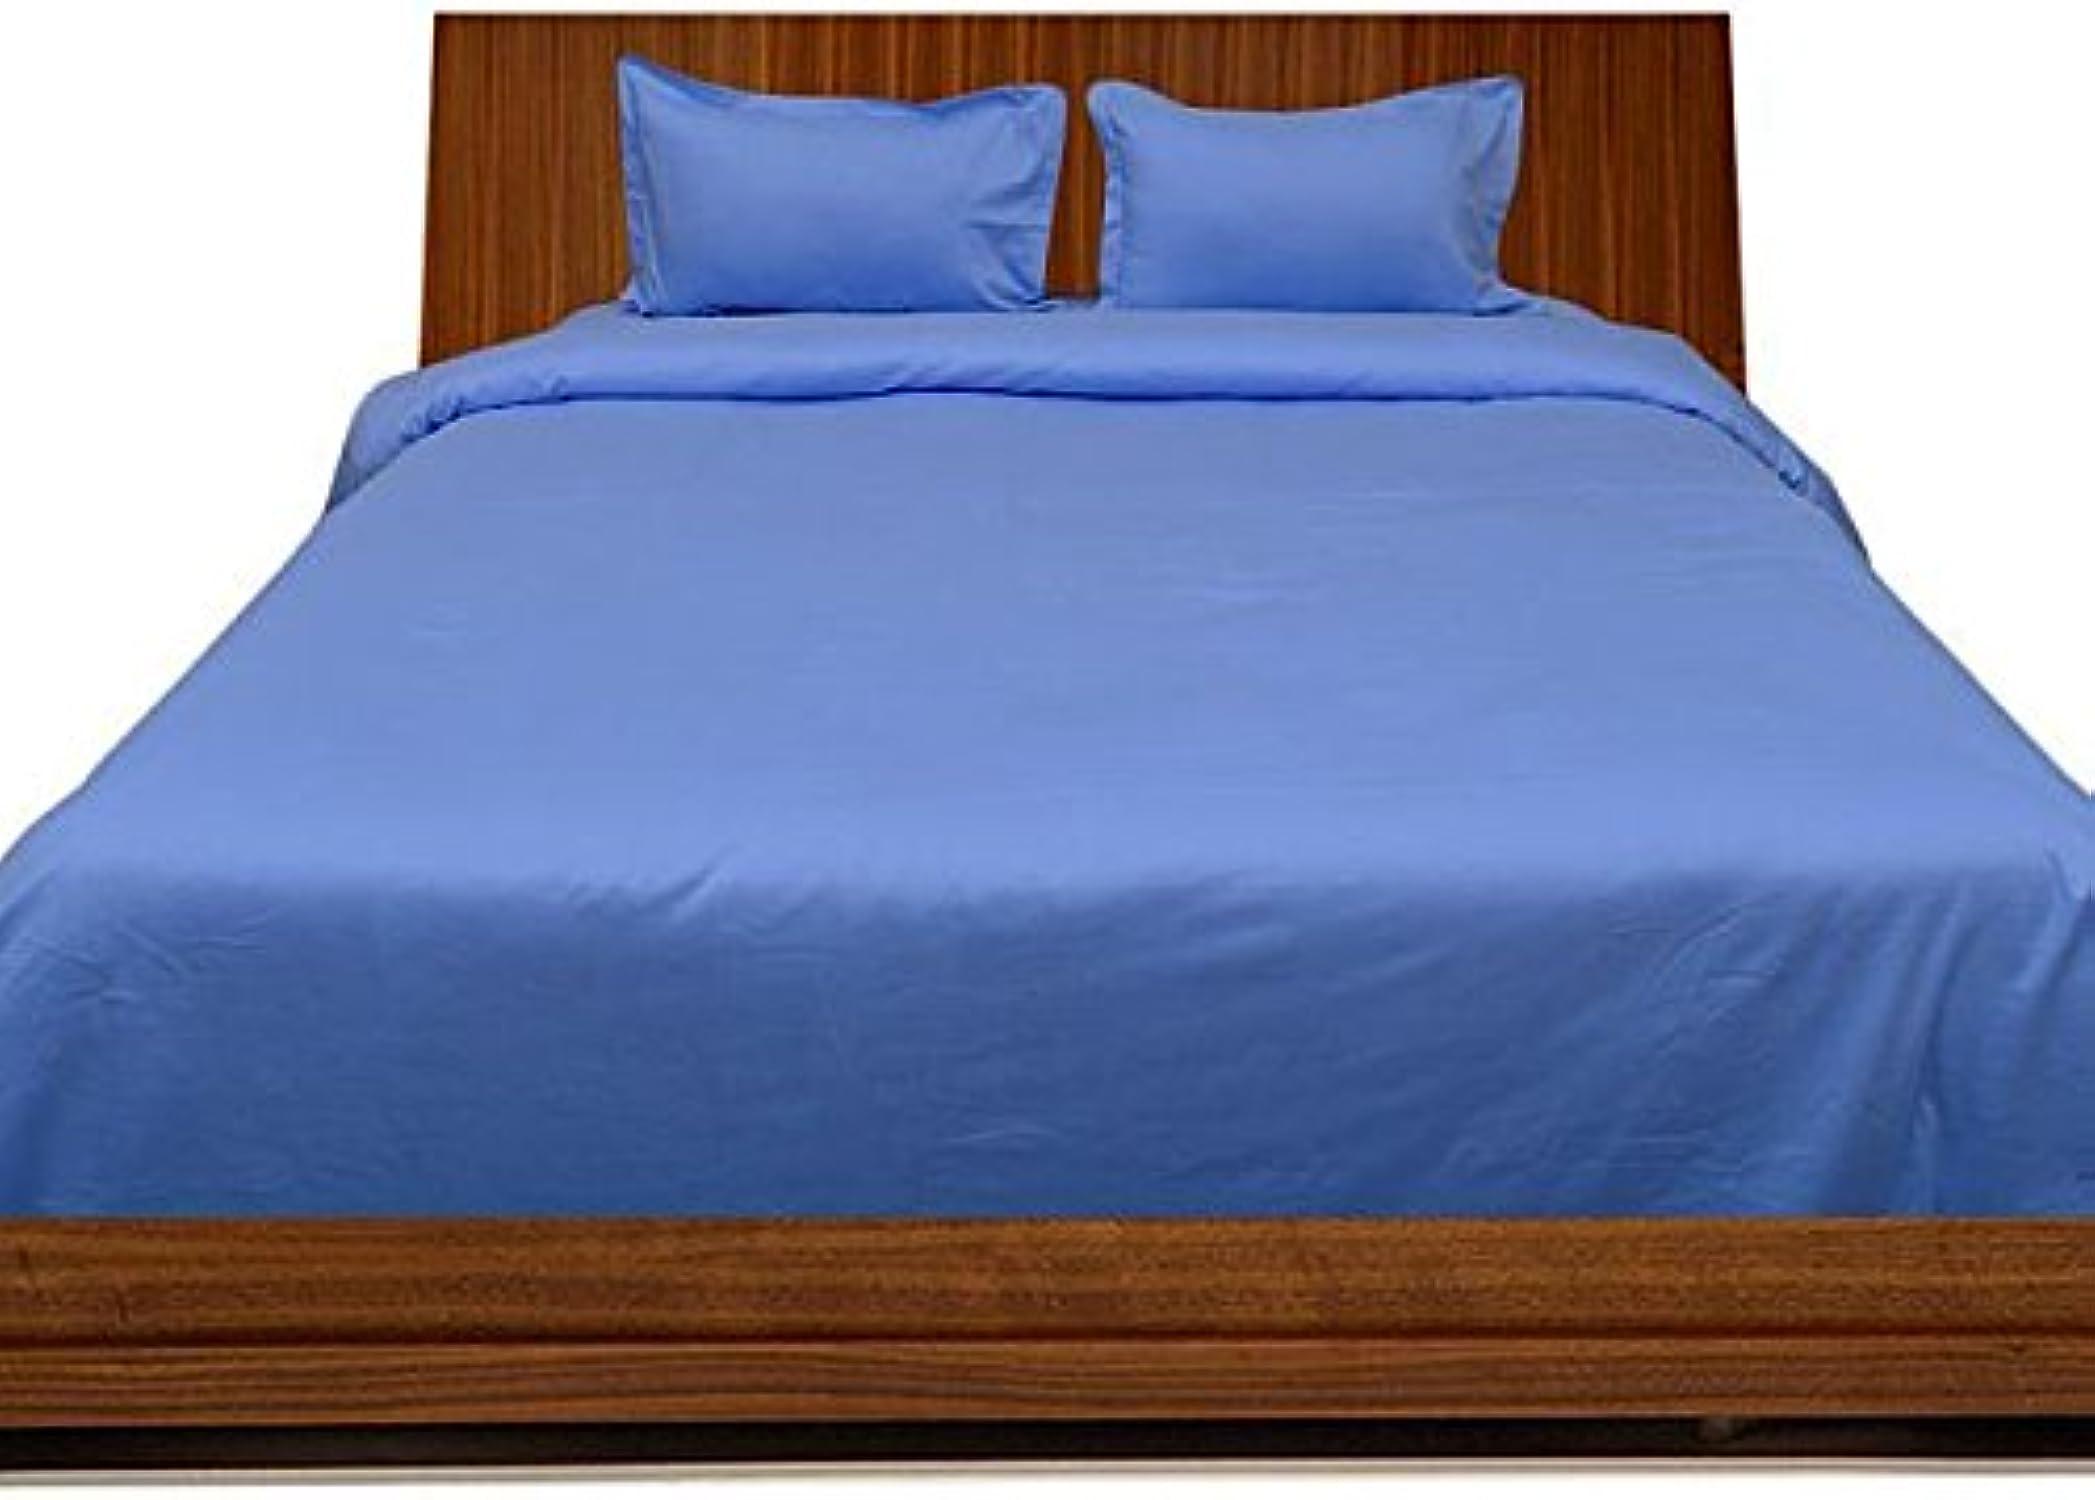 Scala Parure de lit en Coton égypcravaten 350Fils 66cm Poche Profonde de Feuille avec Une extrême Taie d'oreiller UK Double Bleu Ciel Solide 100% Coton 350tc